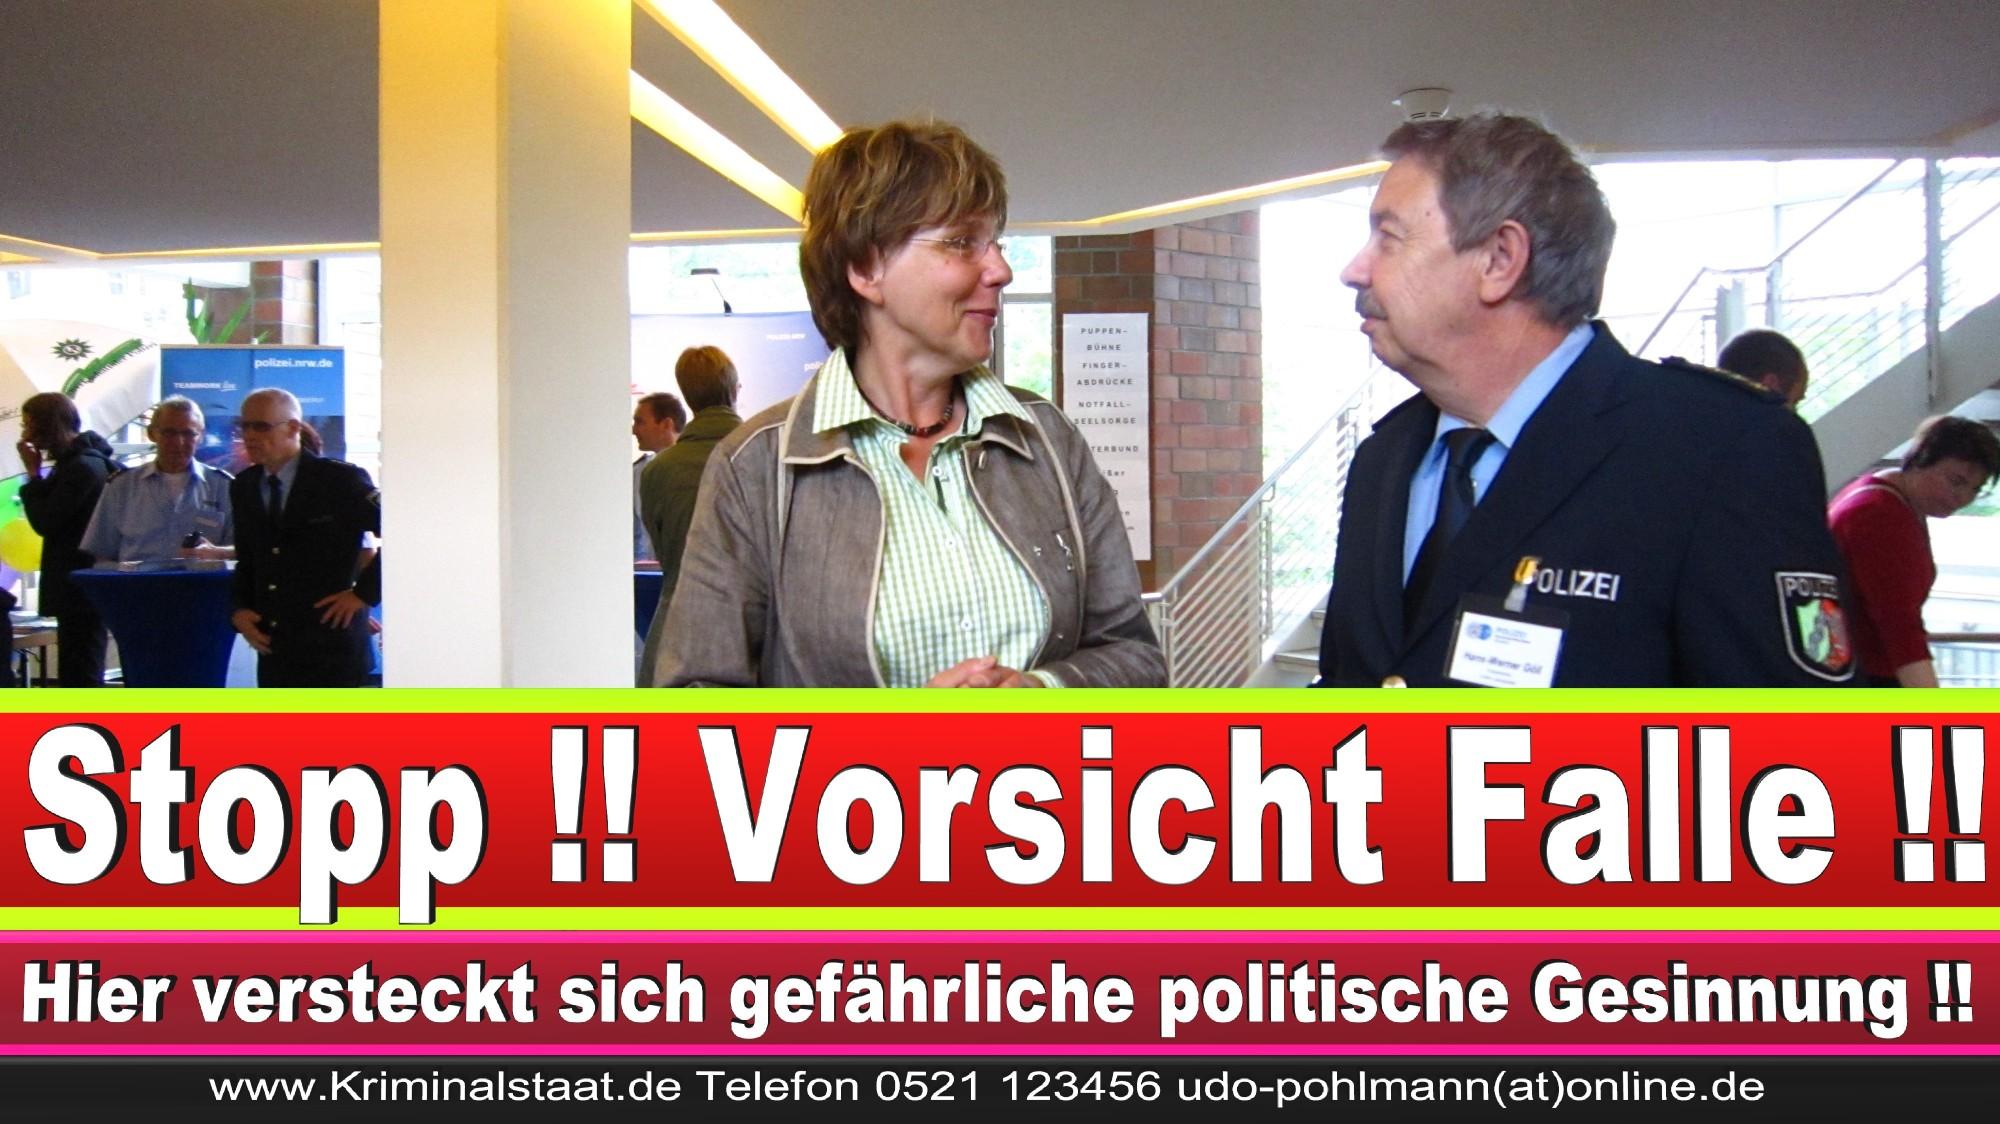 Polizeipräsidentin Katharina Giere Polizei Bielefeld NRW Erwin Südfeld Horst Kruse Polizeiuniform Polizeigewalt DEMONSTRATION Bahnhof (25) 1